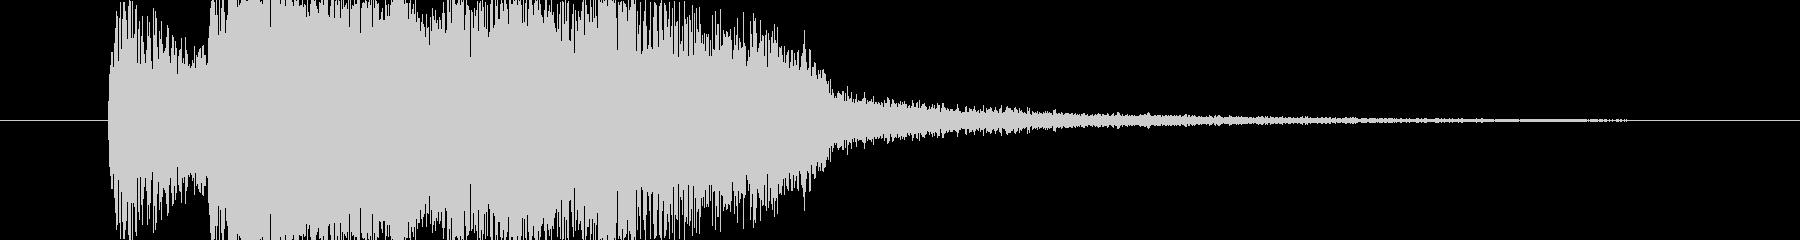 チャラララー(レベルUP、オーケストラ)の未再生の波形